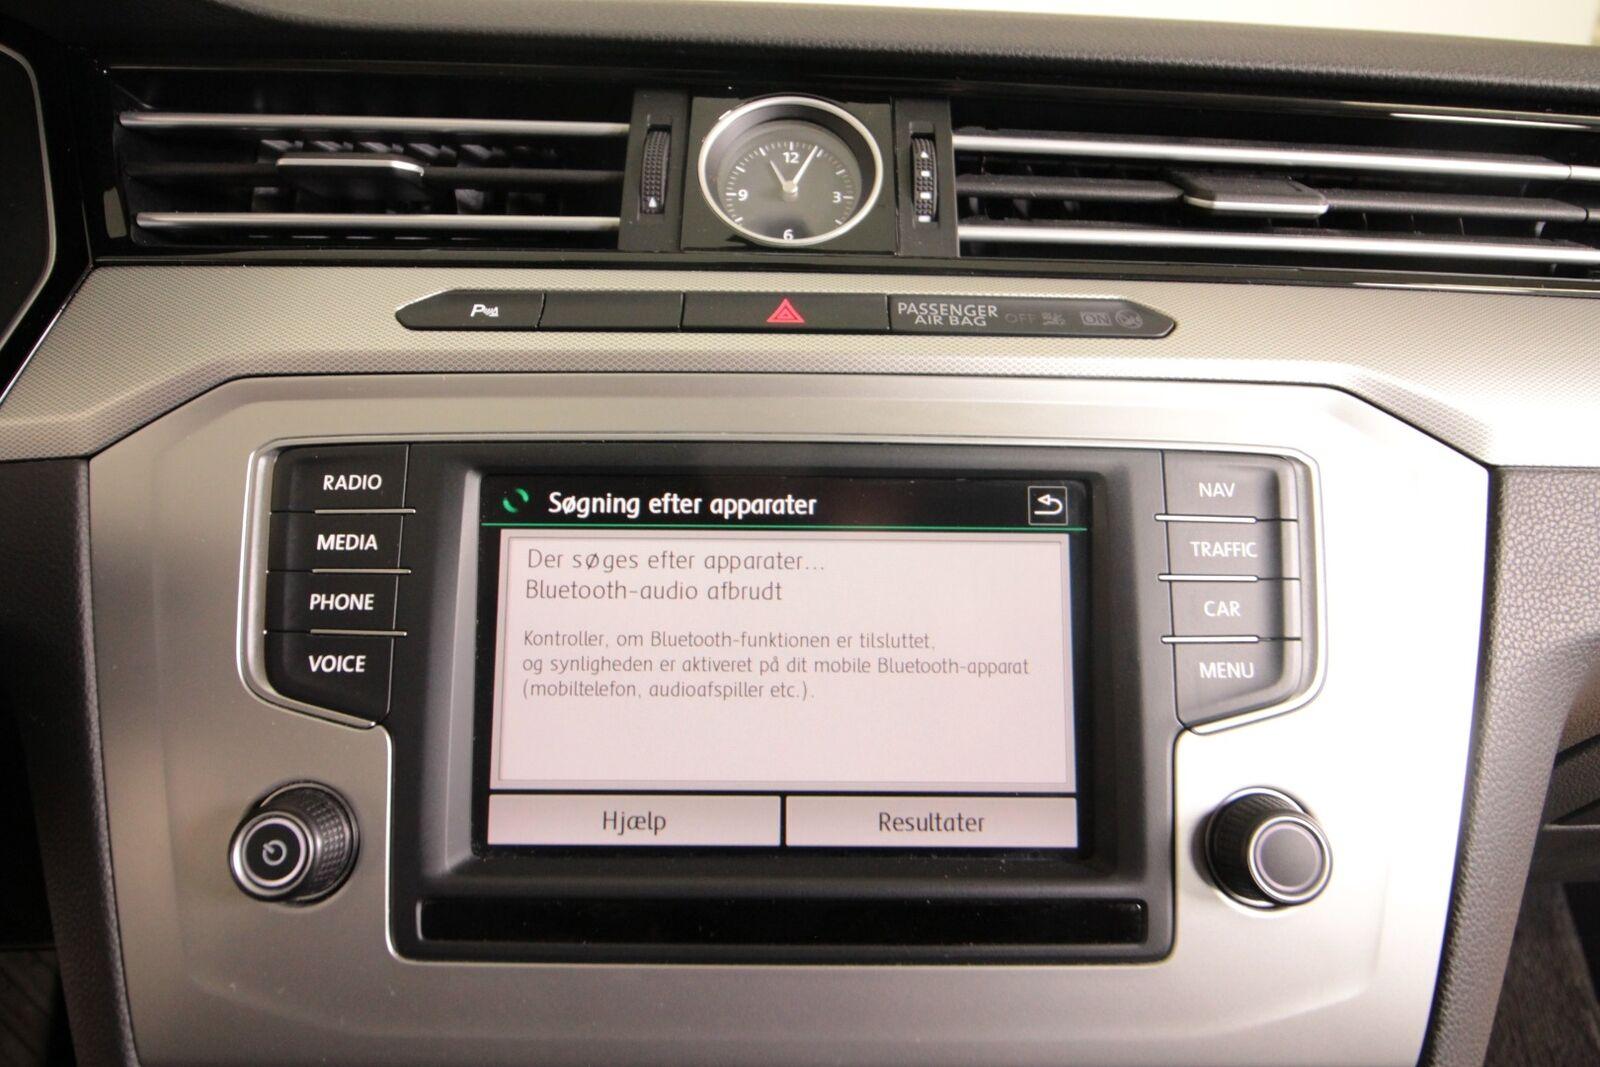 VW Passat TSi 150 Comfortline Variant